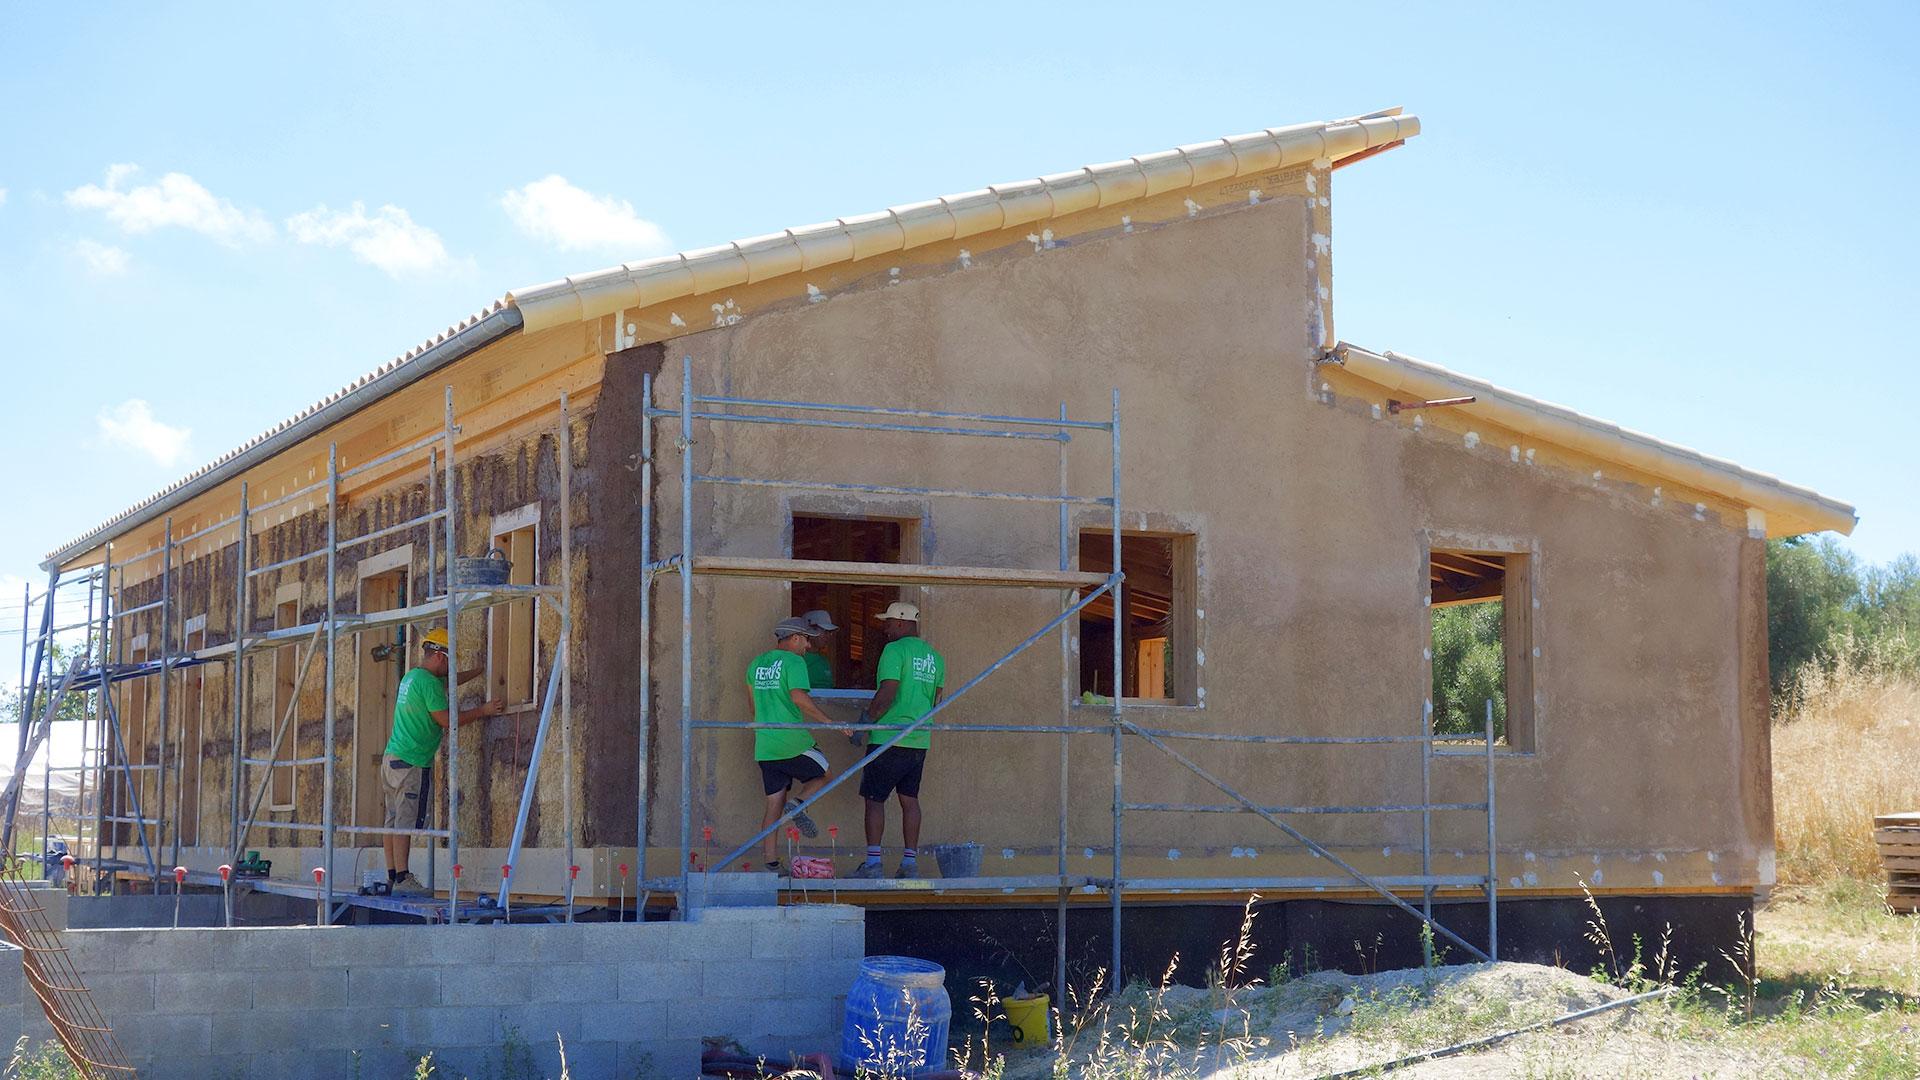 Rafael Sala -Arquitectura sostenible y saludable. Casas de paja, eficiencia energetica. Casa de paja en Alcúdia, Mallorca.